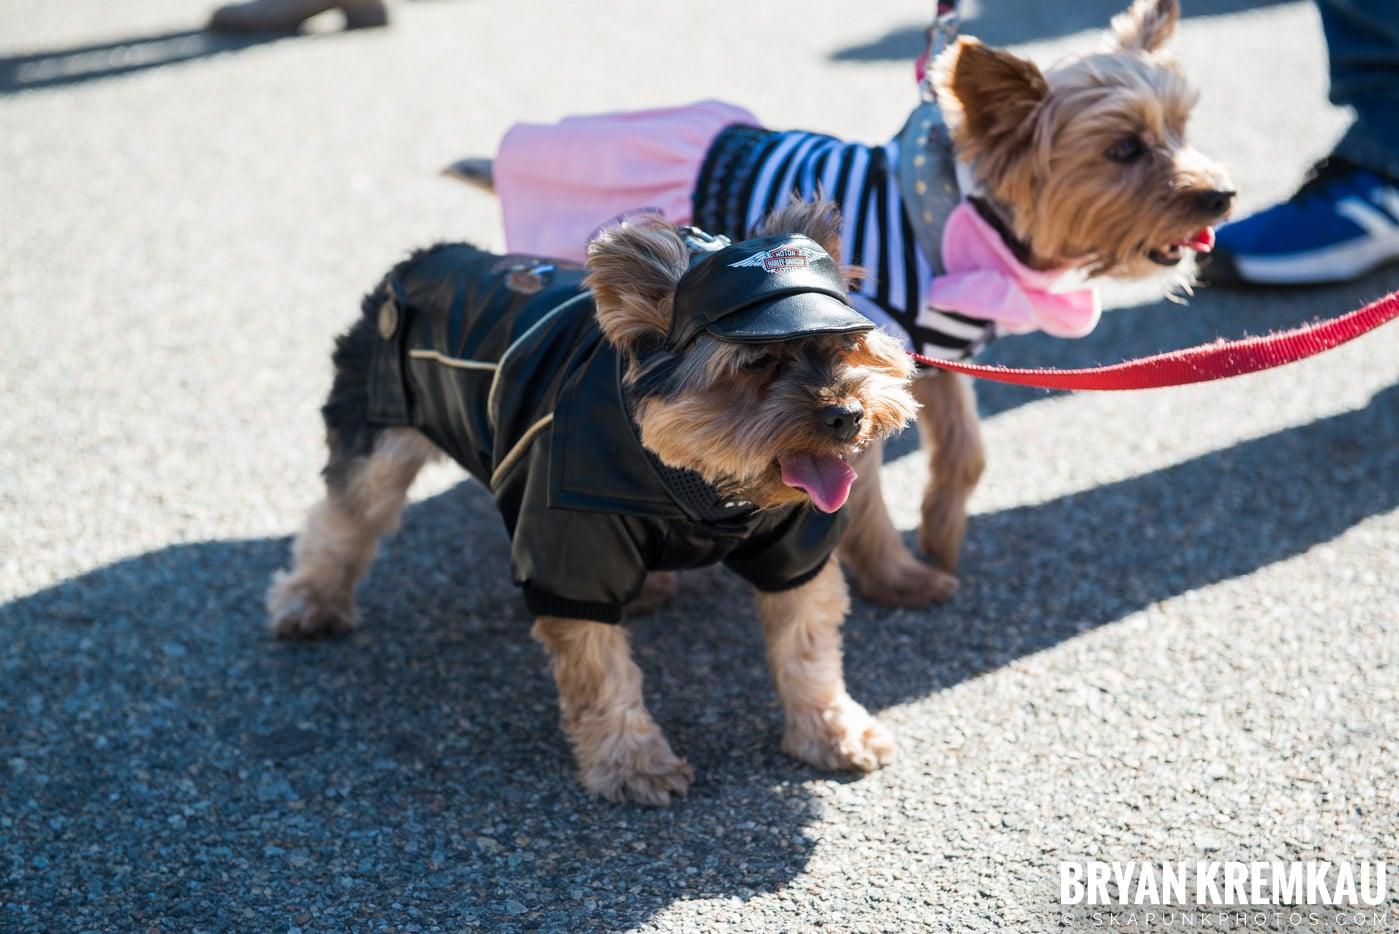 Tompkins Square Park Halloween Dog Parade 2017 @ Tompkins Square Park, NYC - 10.21.17 (23)